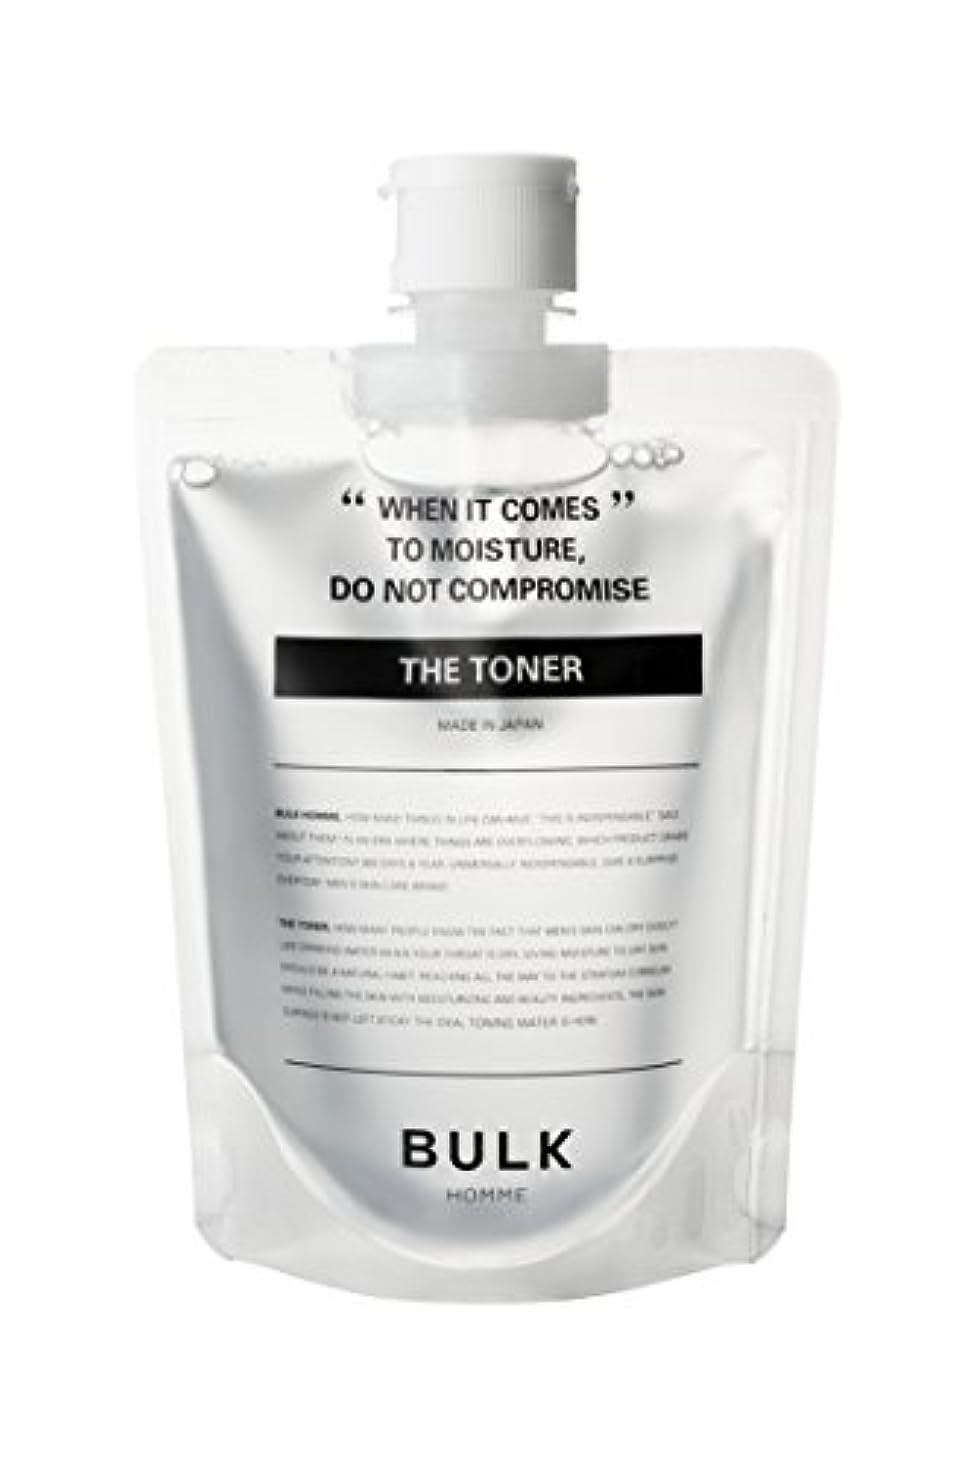 ファシズムクリークアクセントバルクオム THE TONER 高保湿化粧水 200mL【低刺激】